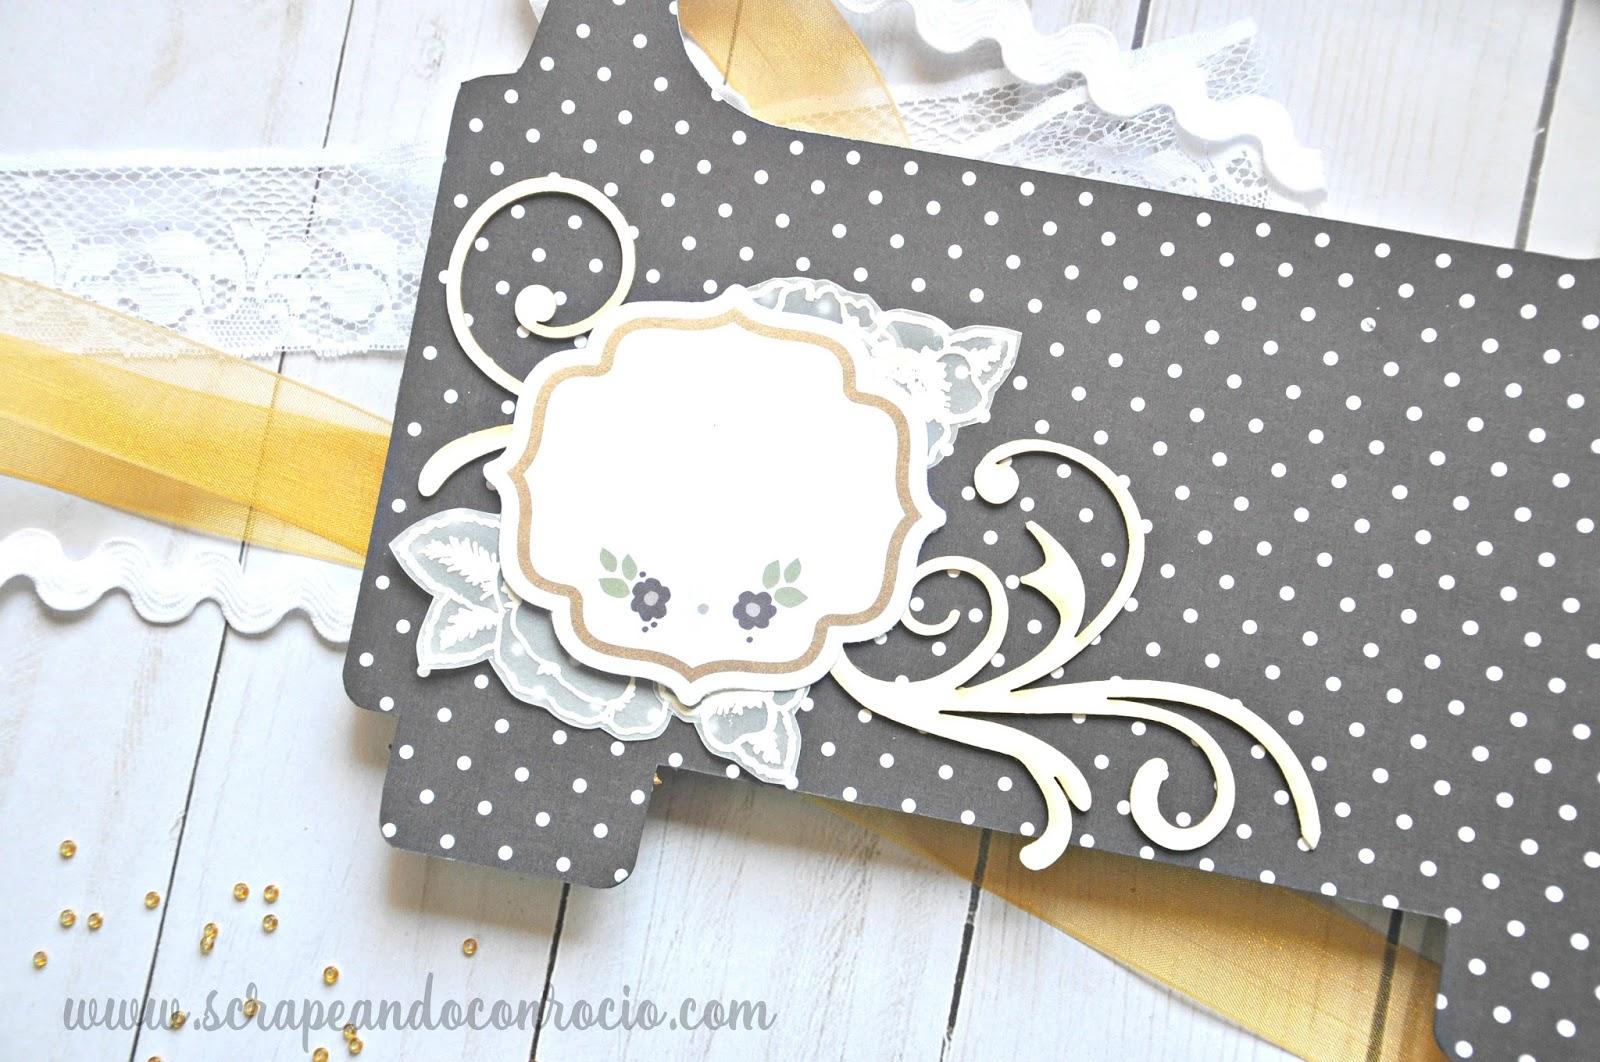 para las de las pginas del lbum he usado recortables de la coleccin de papeles con de flores embossadas en papel